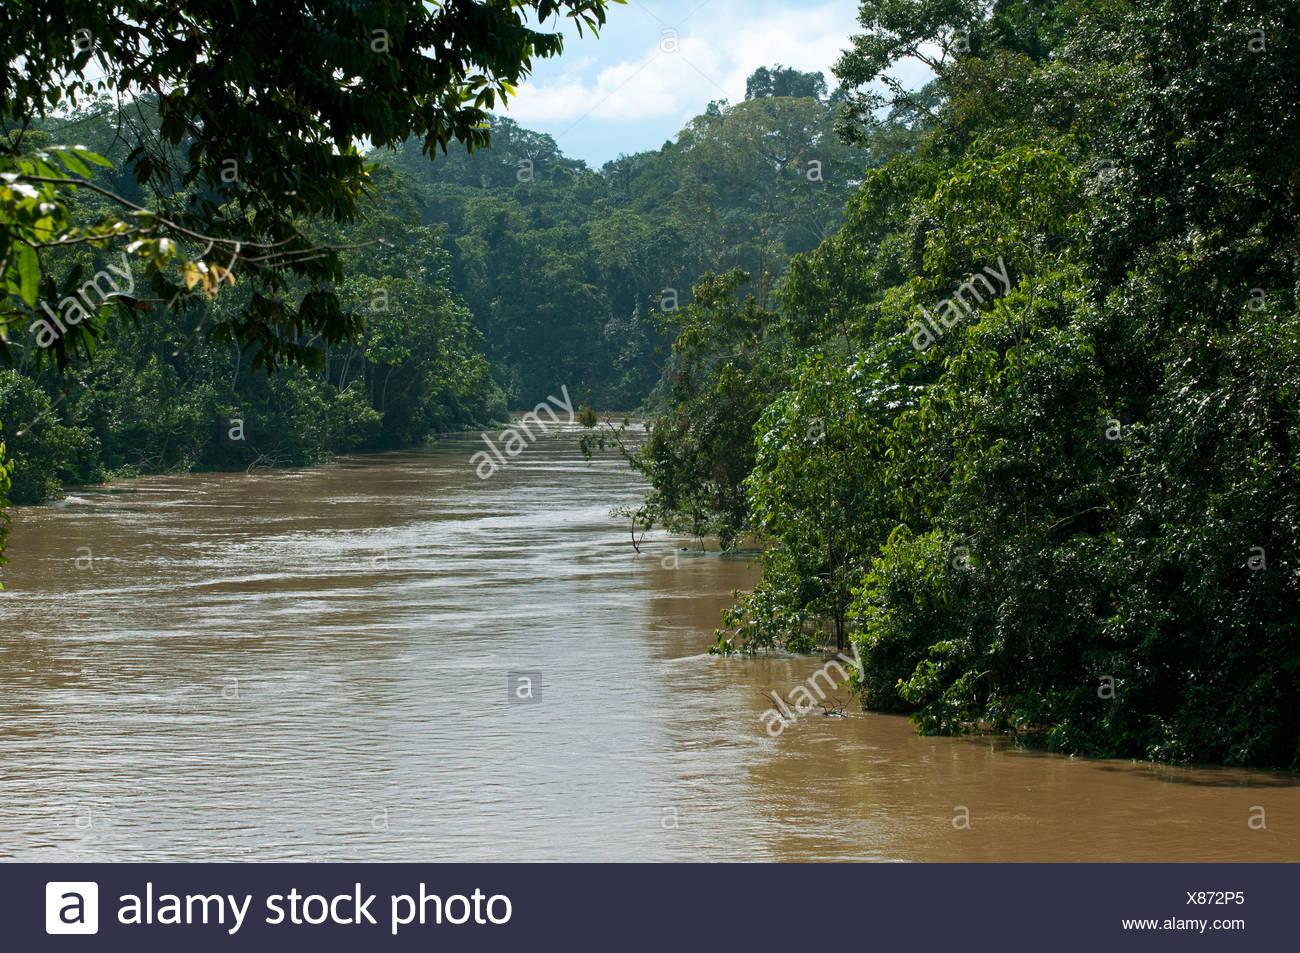 Üppige Regenwald-Vegetation an den Ufern des Flusses überflutet Verfassung an der Grenze mit Yasuni Nationalpark, Amazonas-Becken Stockbild